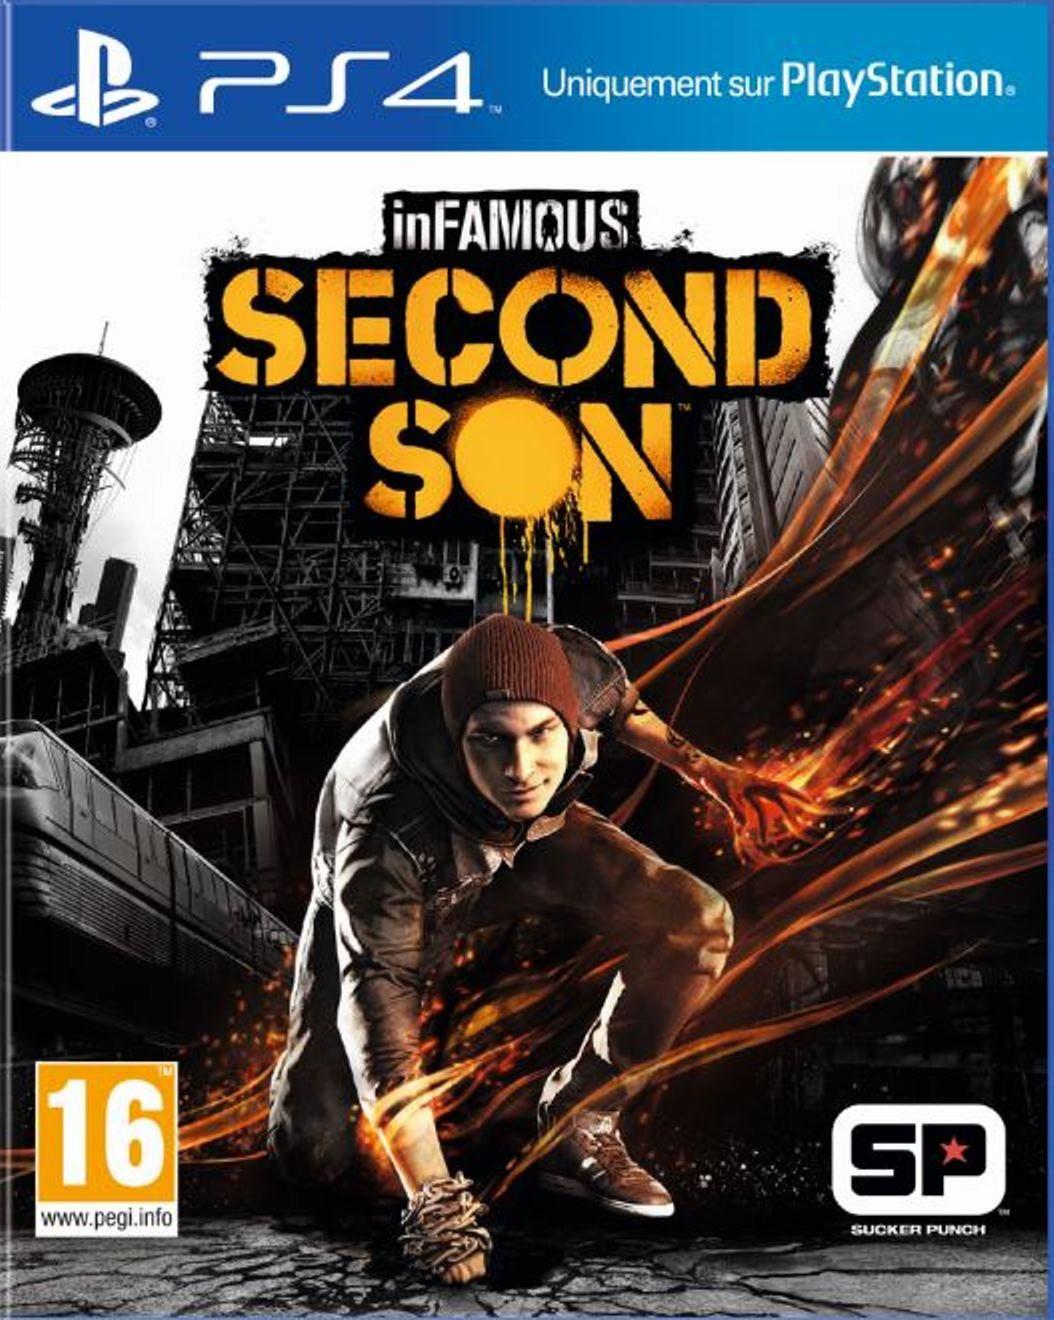 10€ de réduction sur une sélection de DVD, Blu-ray, Jeux vidéo - Ex : InFamous Second Son sur PS4